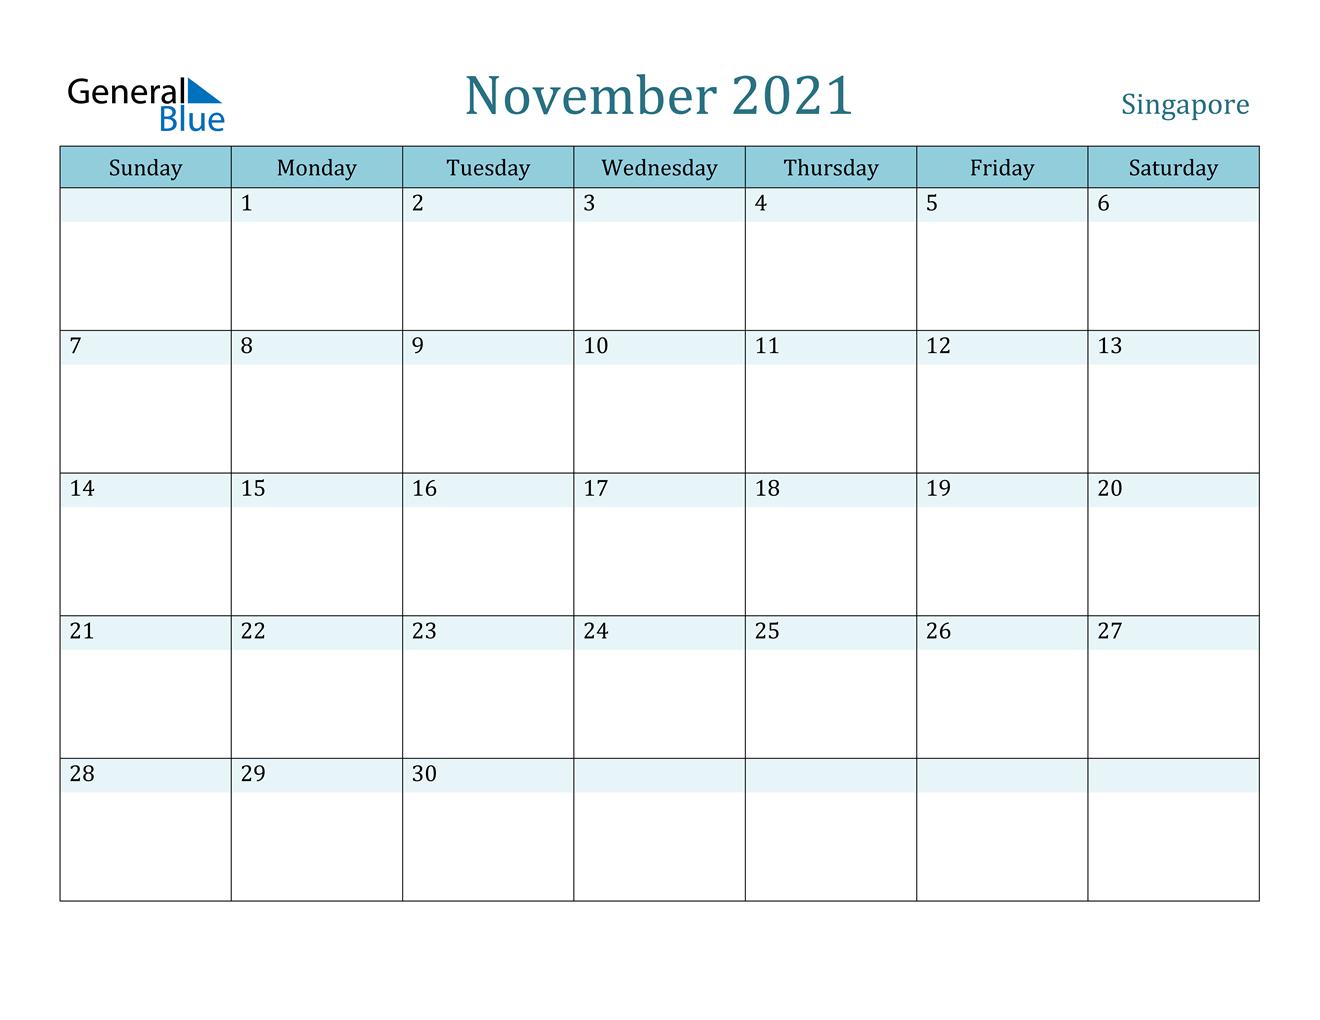 Singapore November 2021 Calendar With Holidays